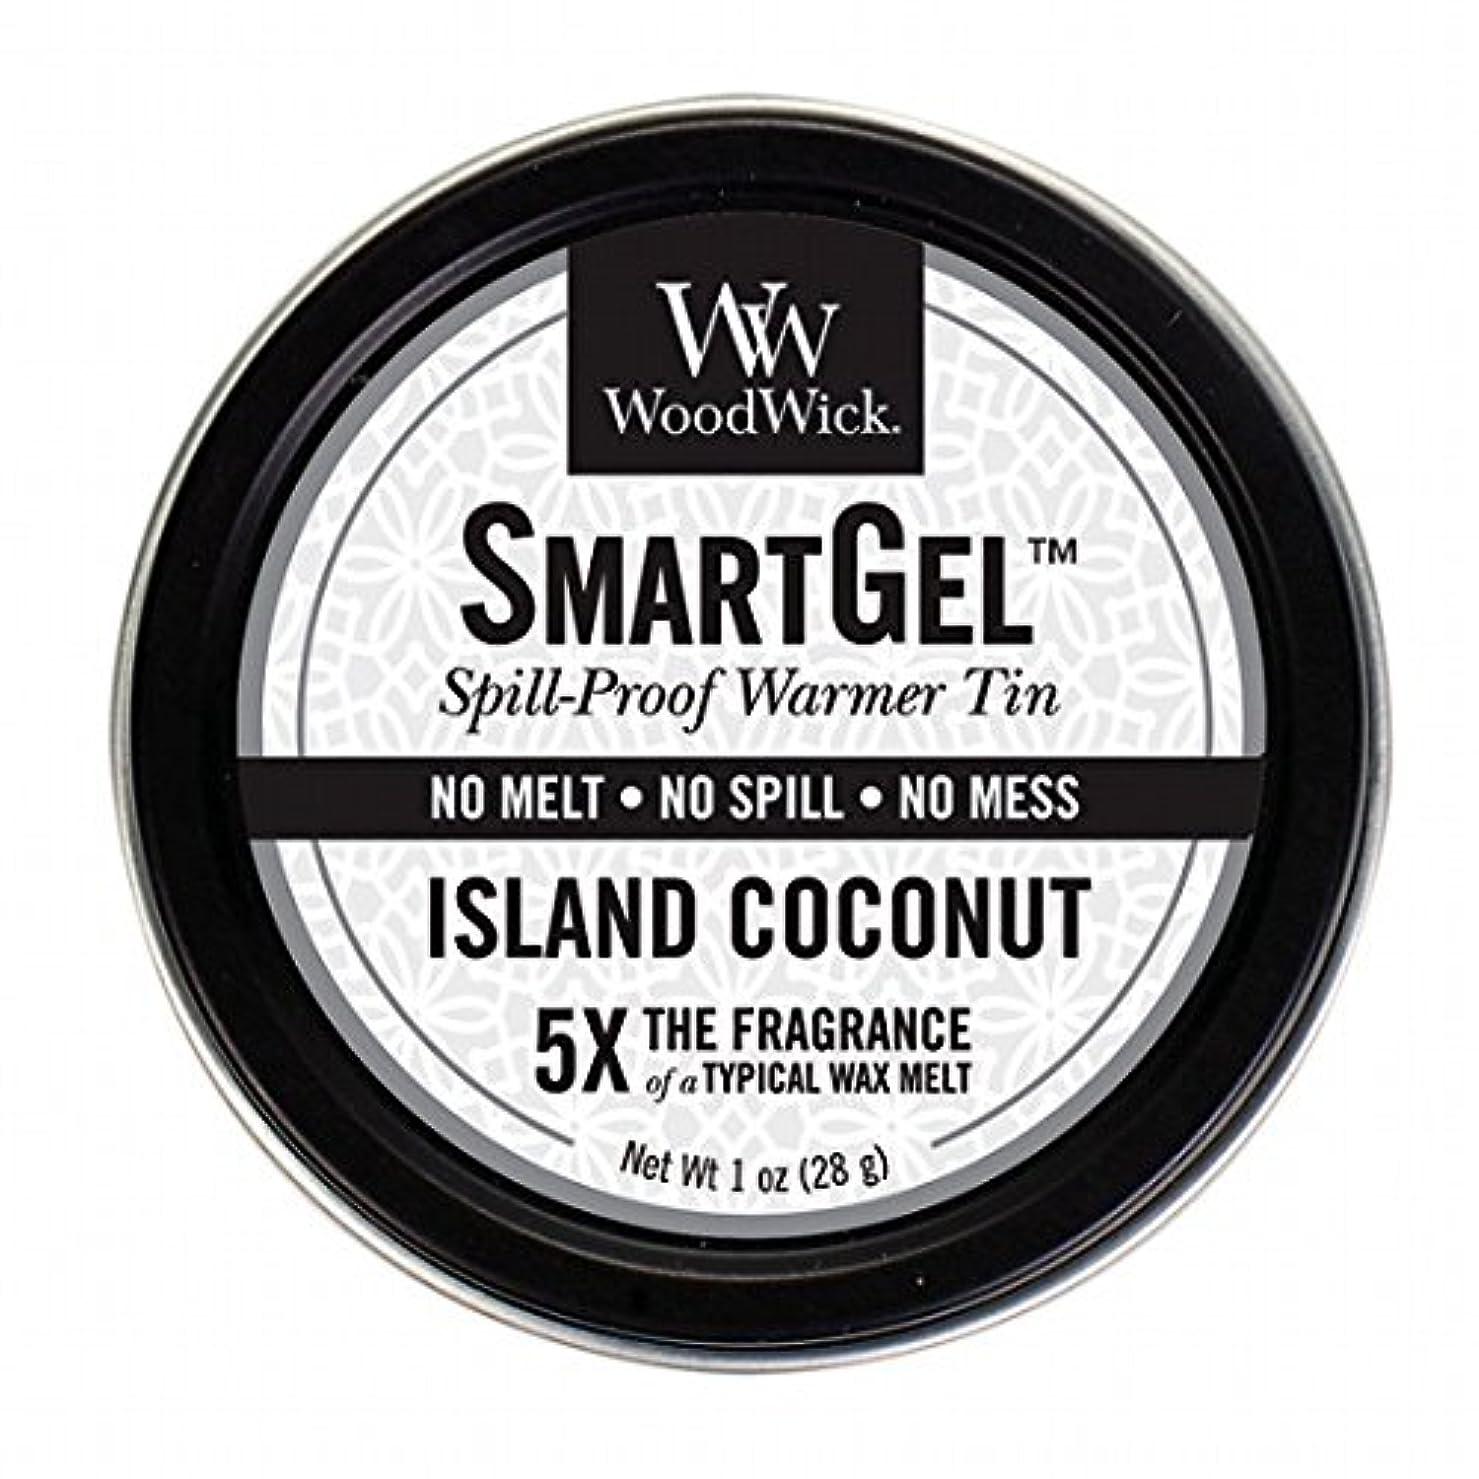 インセンティブ細部濃度WoodWick(ウッドウィック) Wood Wickスマートジェル 「 アイランドココナッツ 」 W9630560(W9630560)